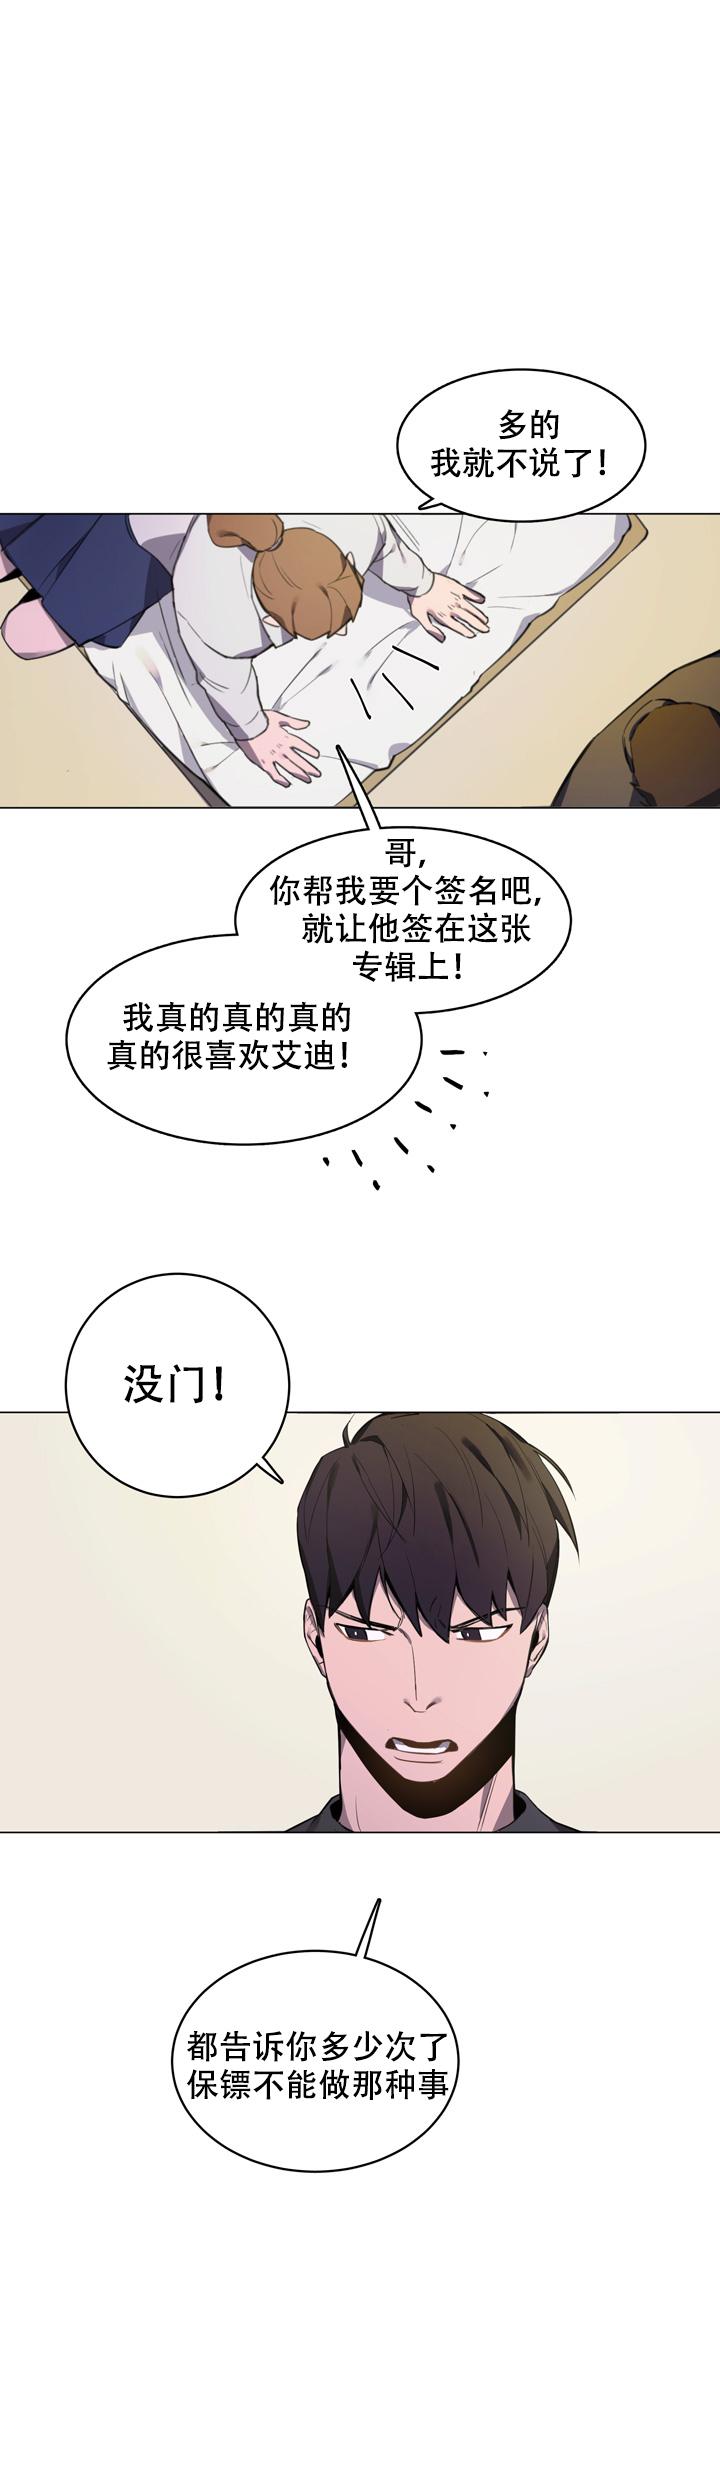 韩漫 |《甜蜜暴击》成为大明星的甜心保镖!  第8张